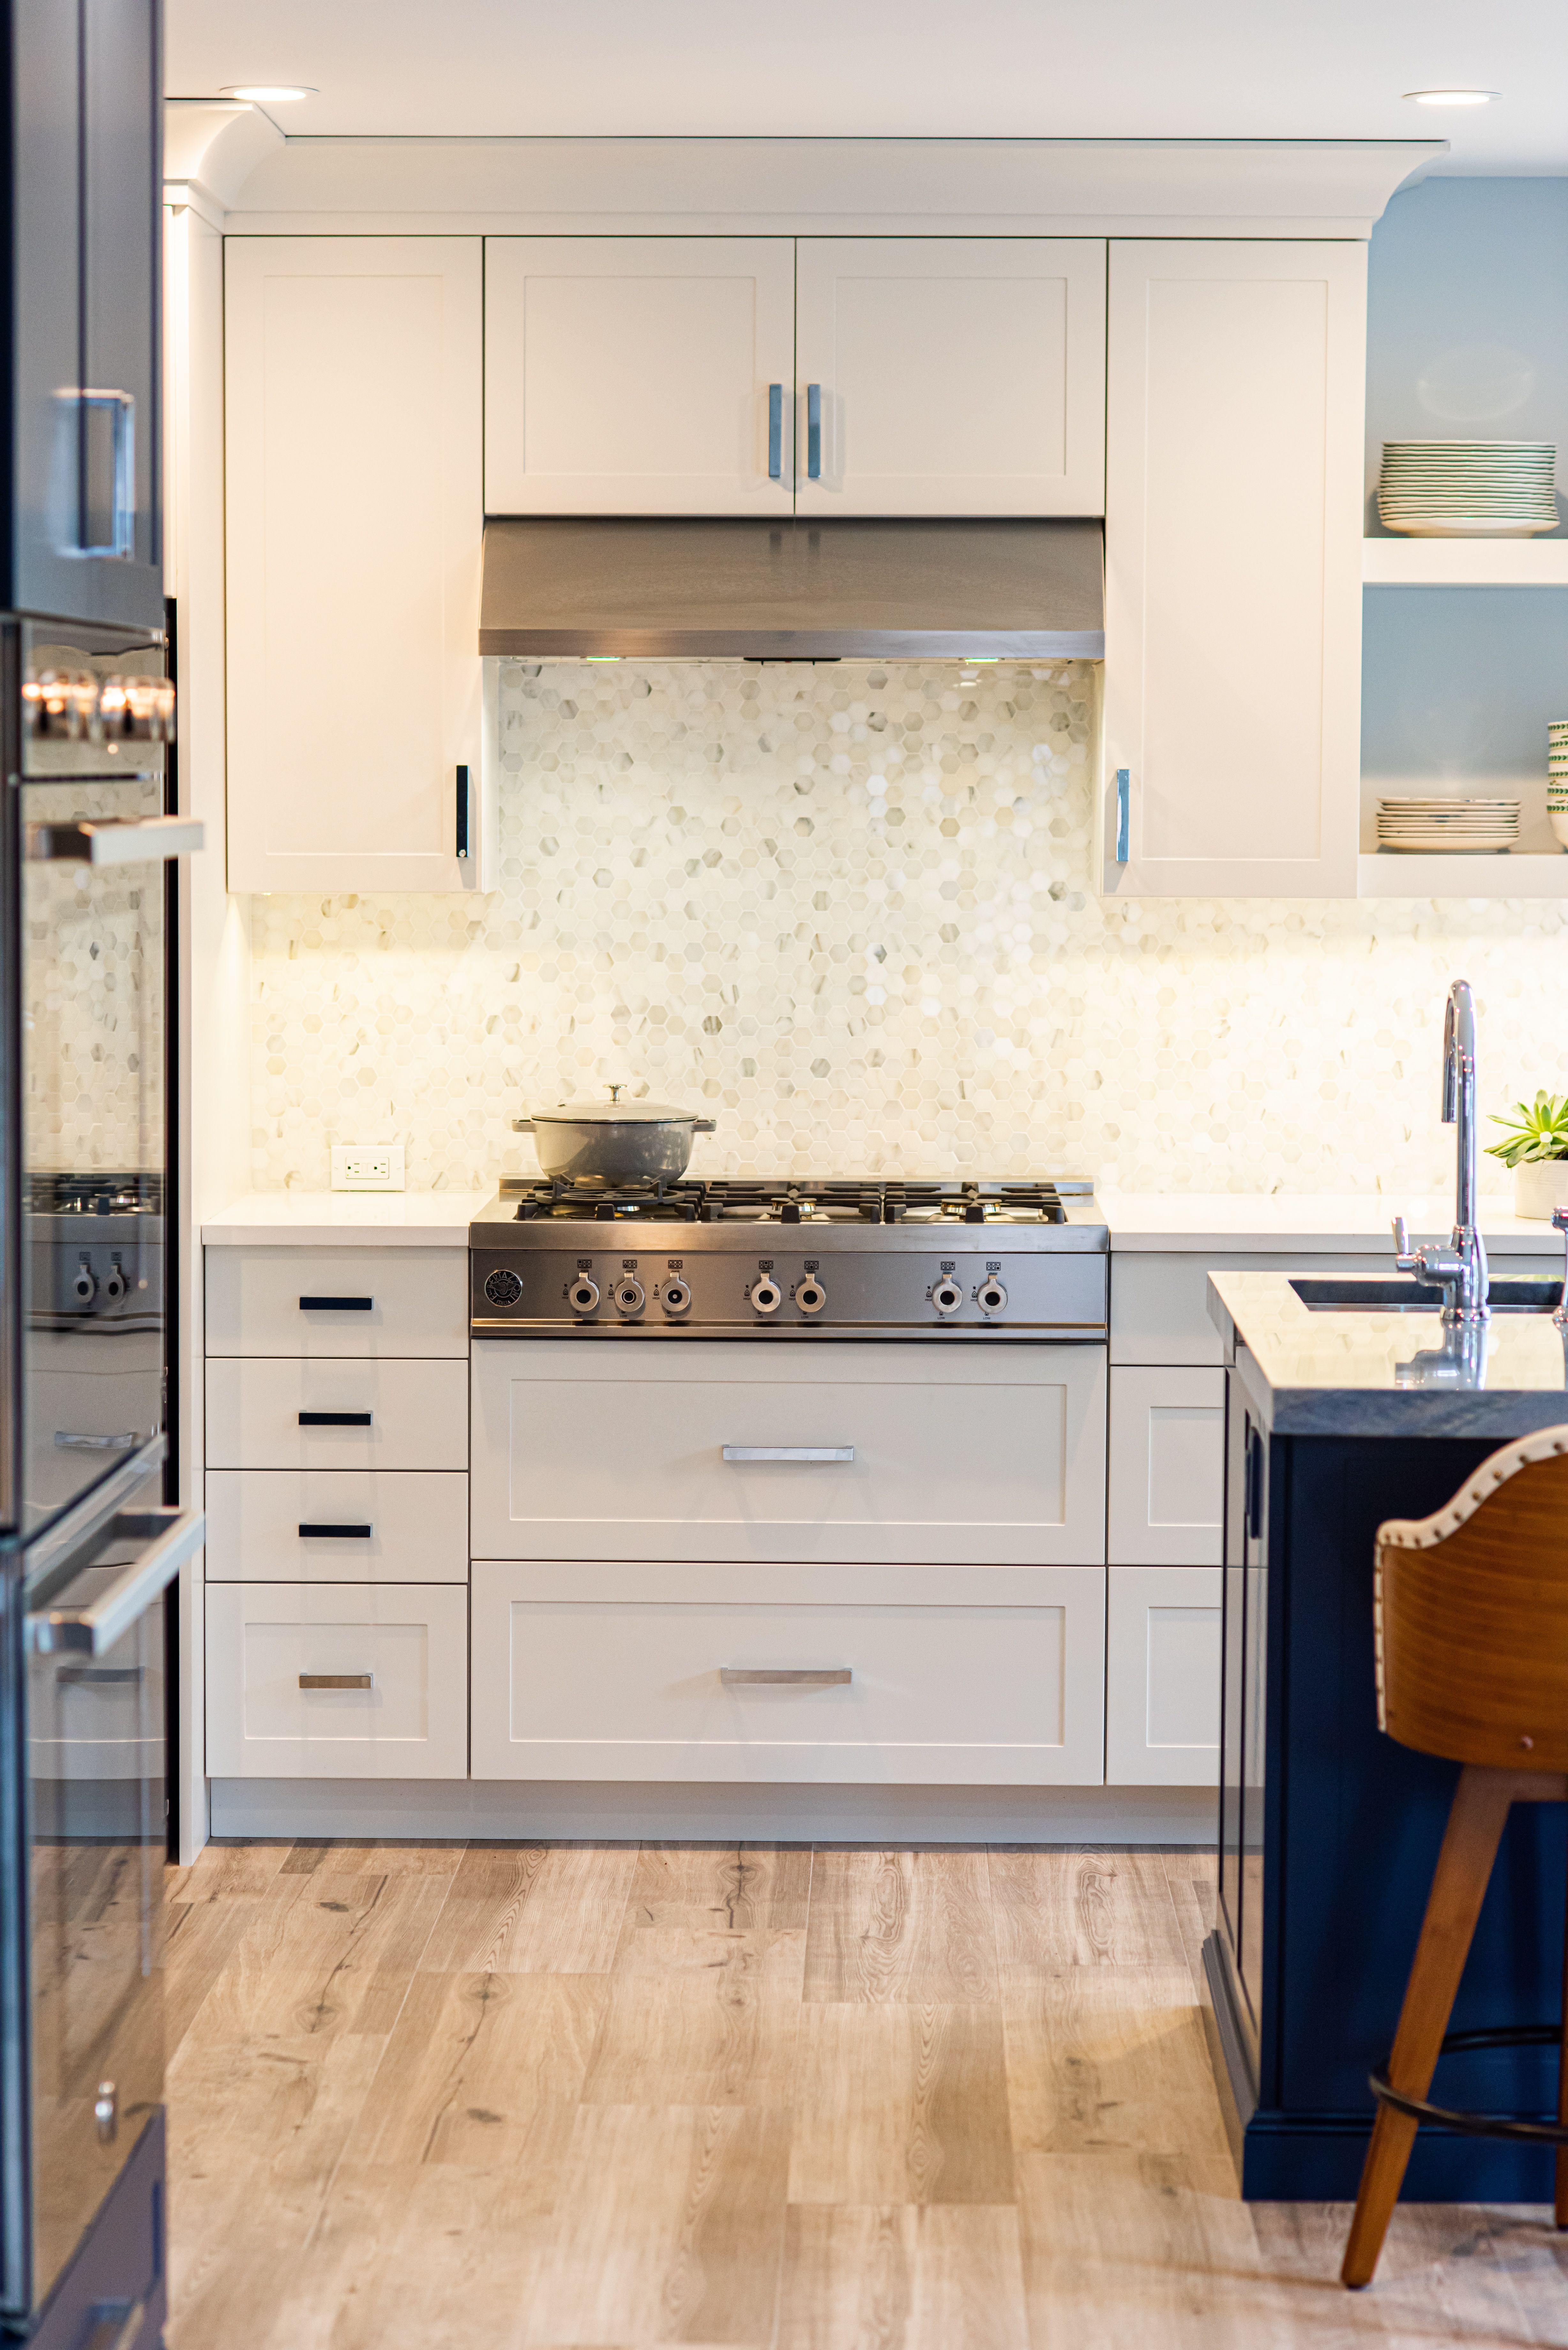 36 Undermount Canopy Hood In 2020 Worktop Designs Kitchen Suite European Kitchens